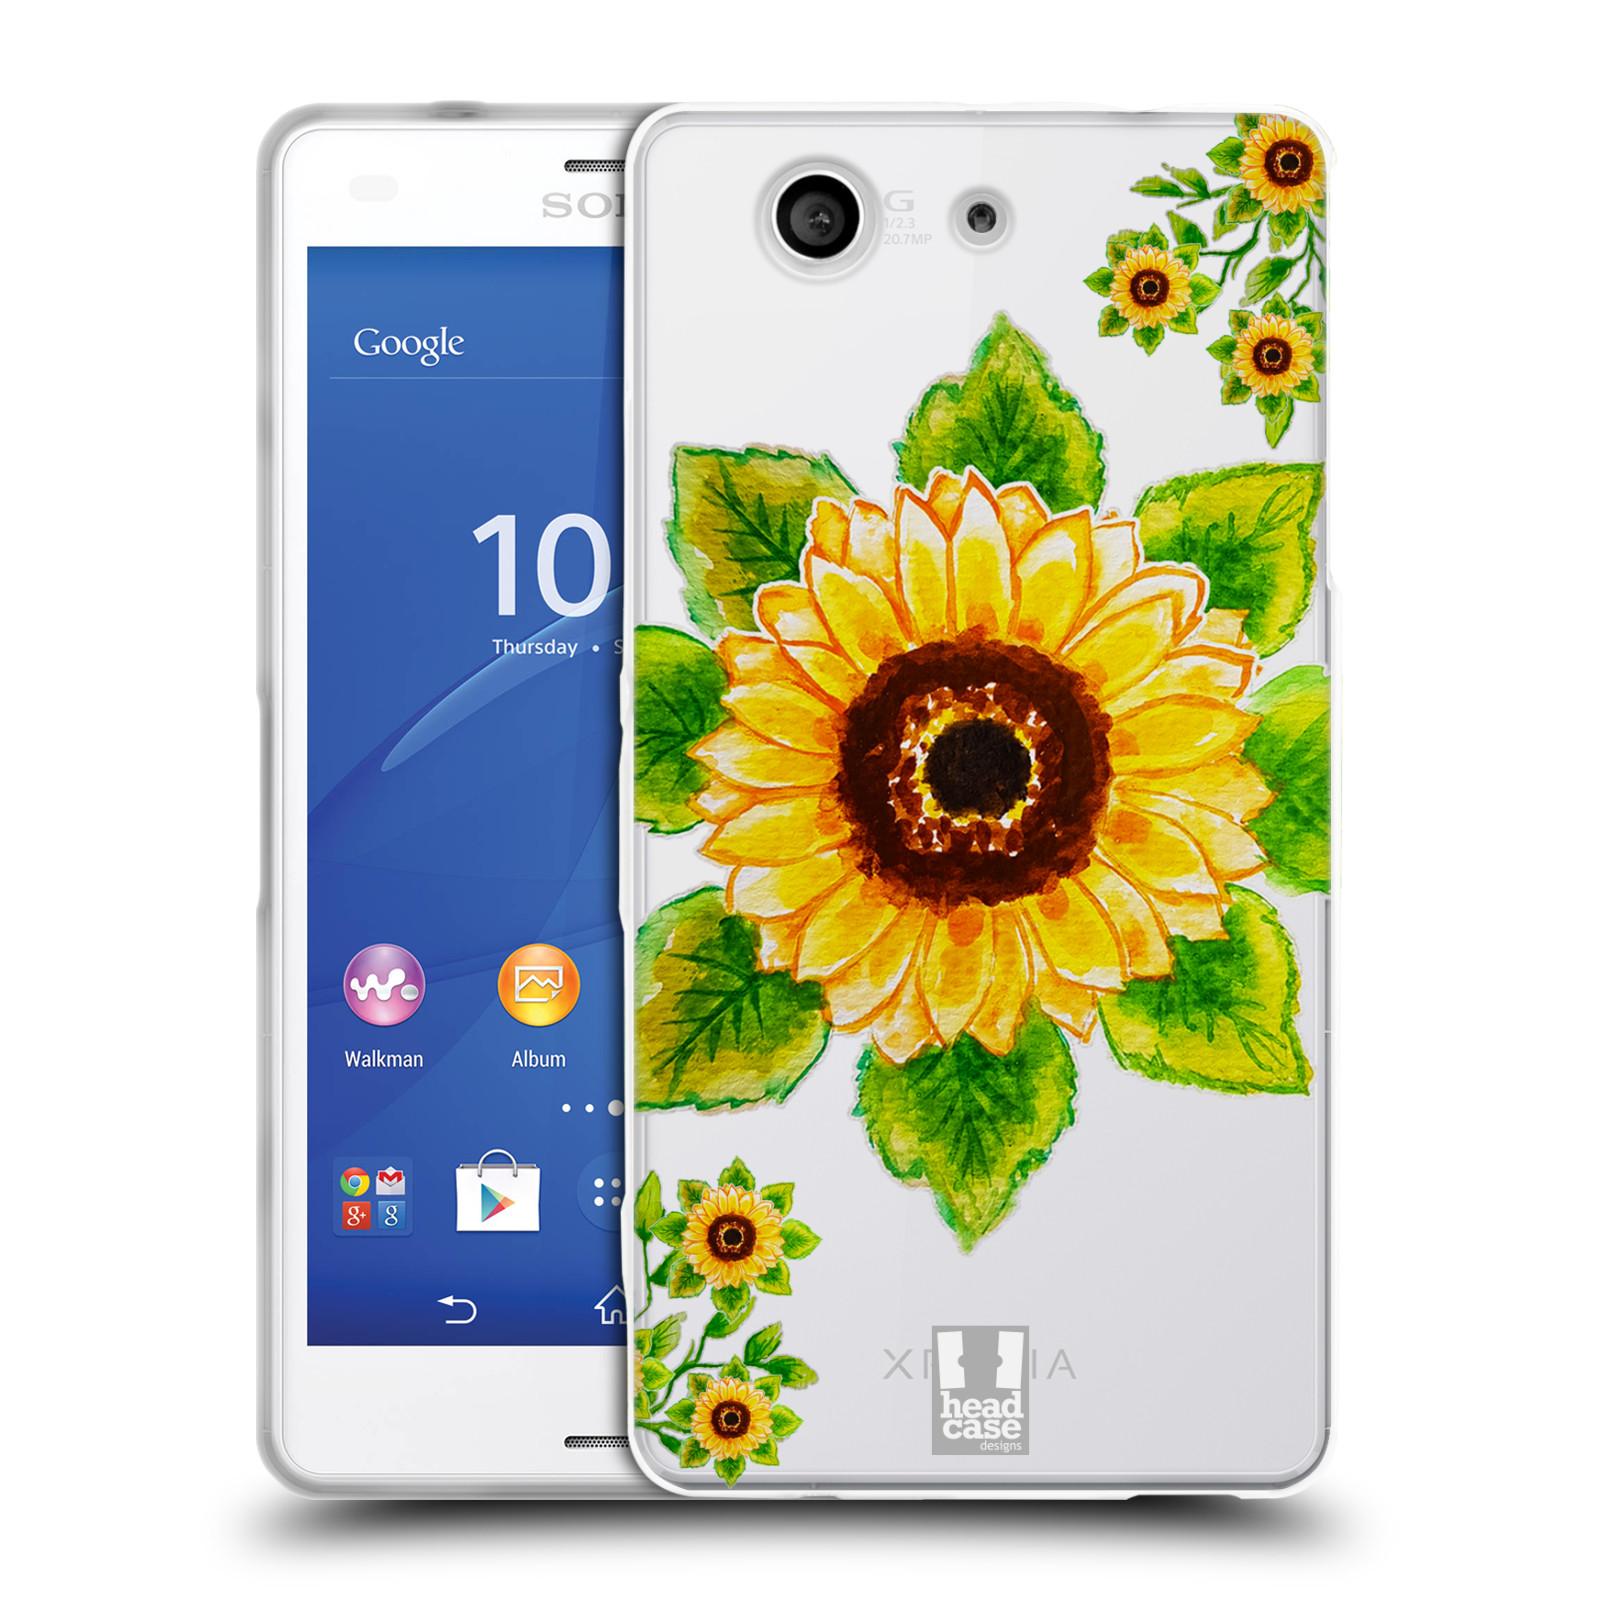 HEAD CASE silikonový obal na mobil Sony Xperia Z3 COMPACT Květina Slunečnice vodní barvy